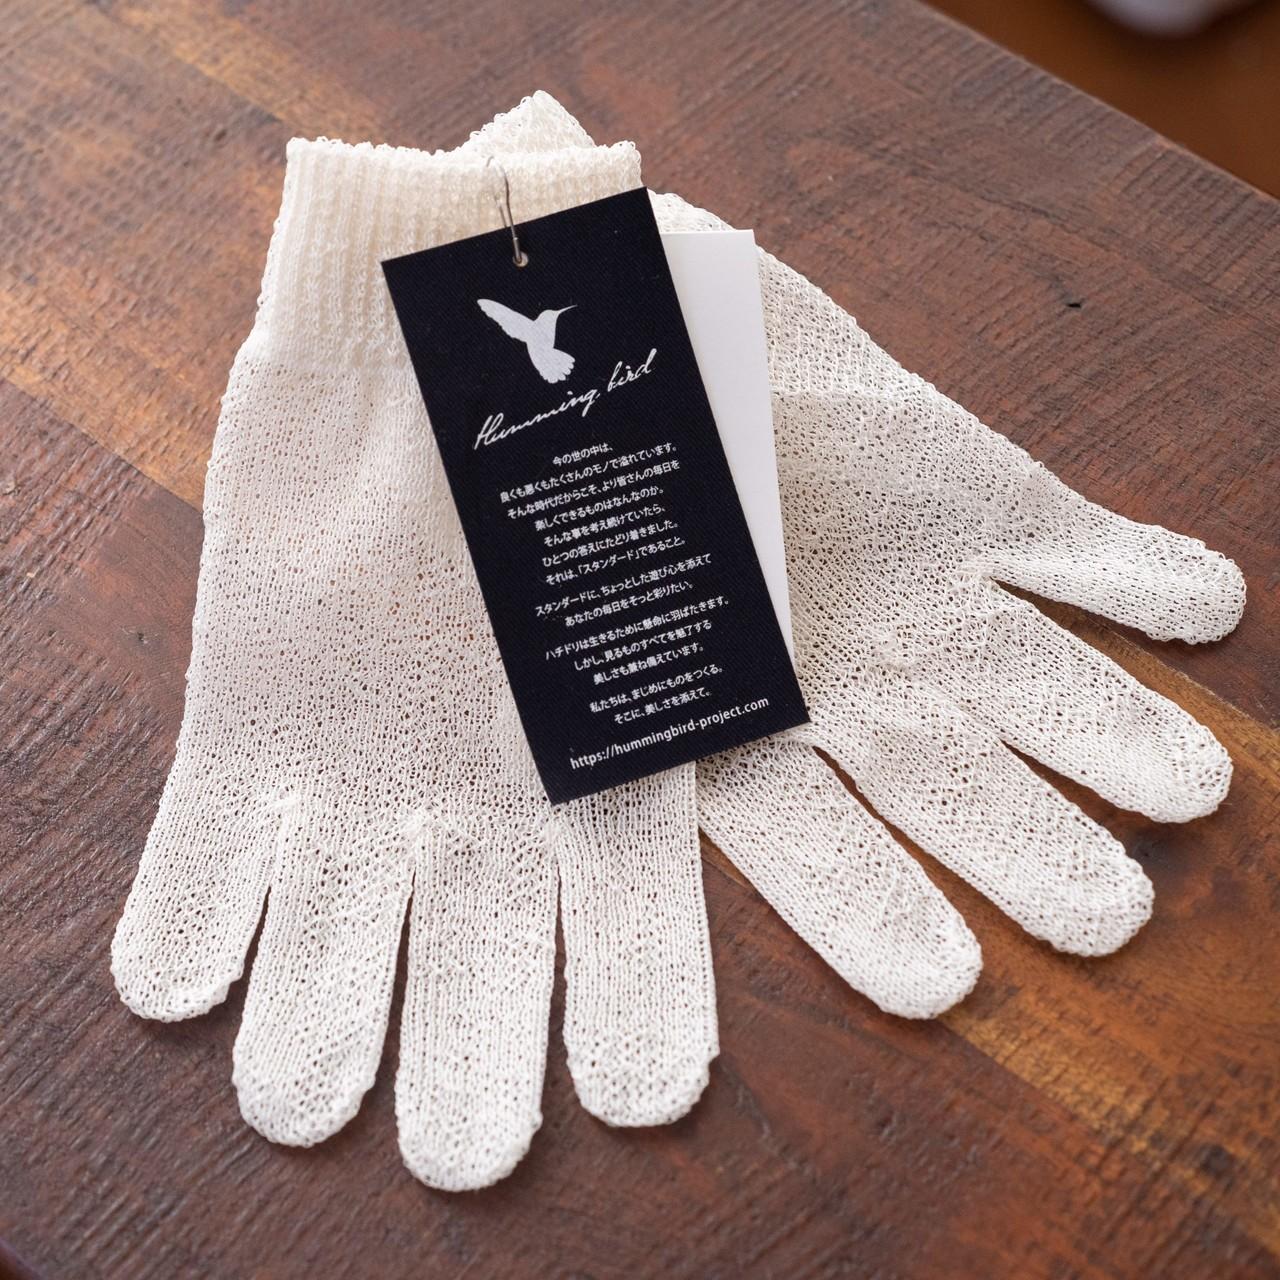 こするだけで荒れた手がツルツルになる、生糸の手袋